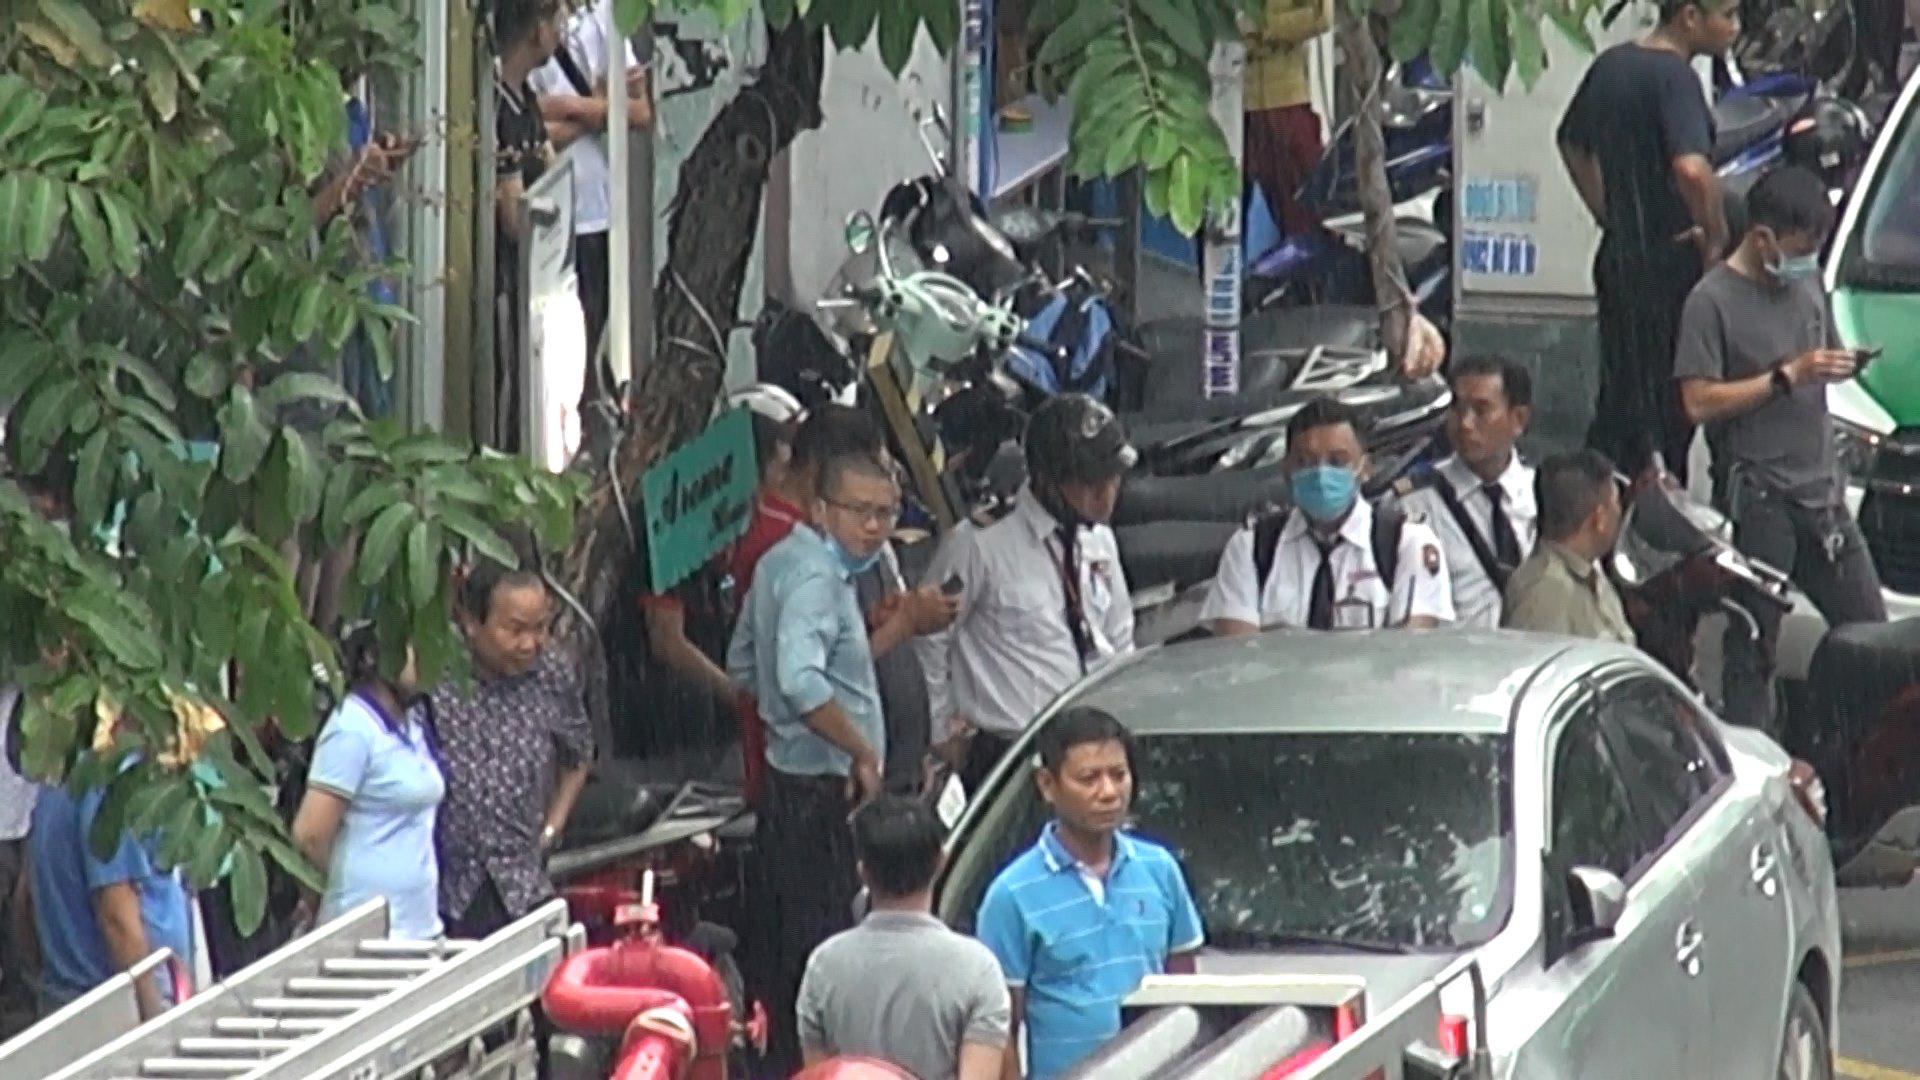 Cô gái cướp 2,1 tỉ đồng tại Techcombank Tân Phú khai lý do làm liều - Ảnh 2.